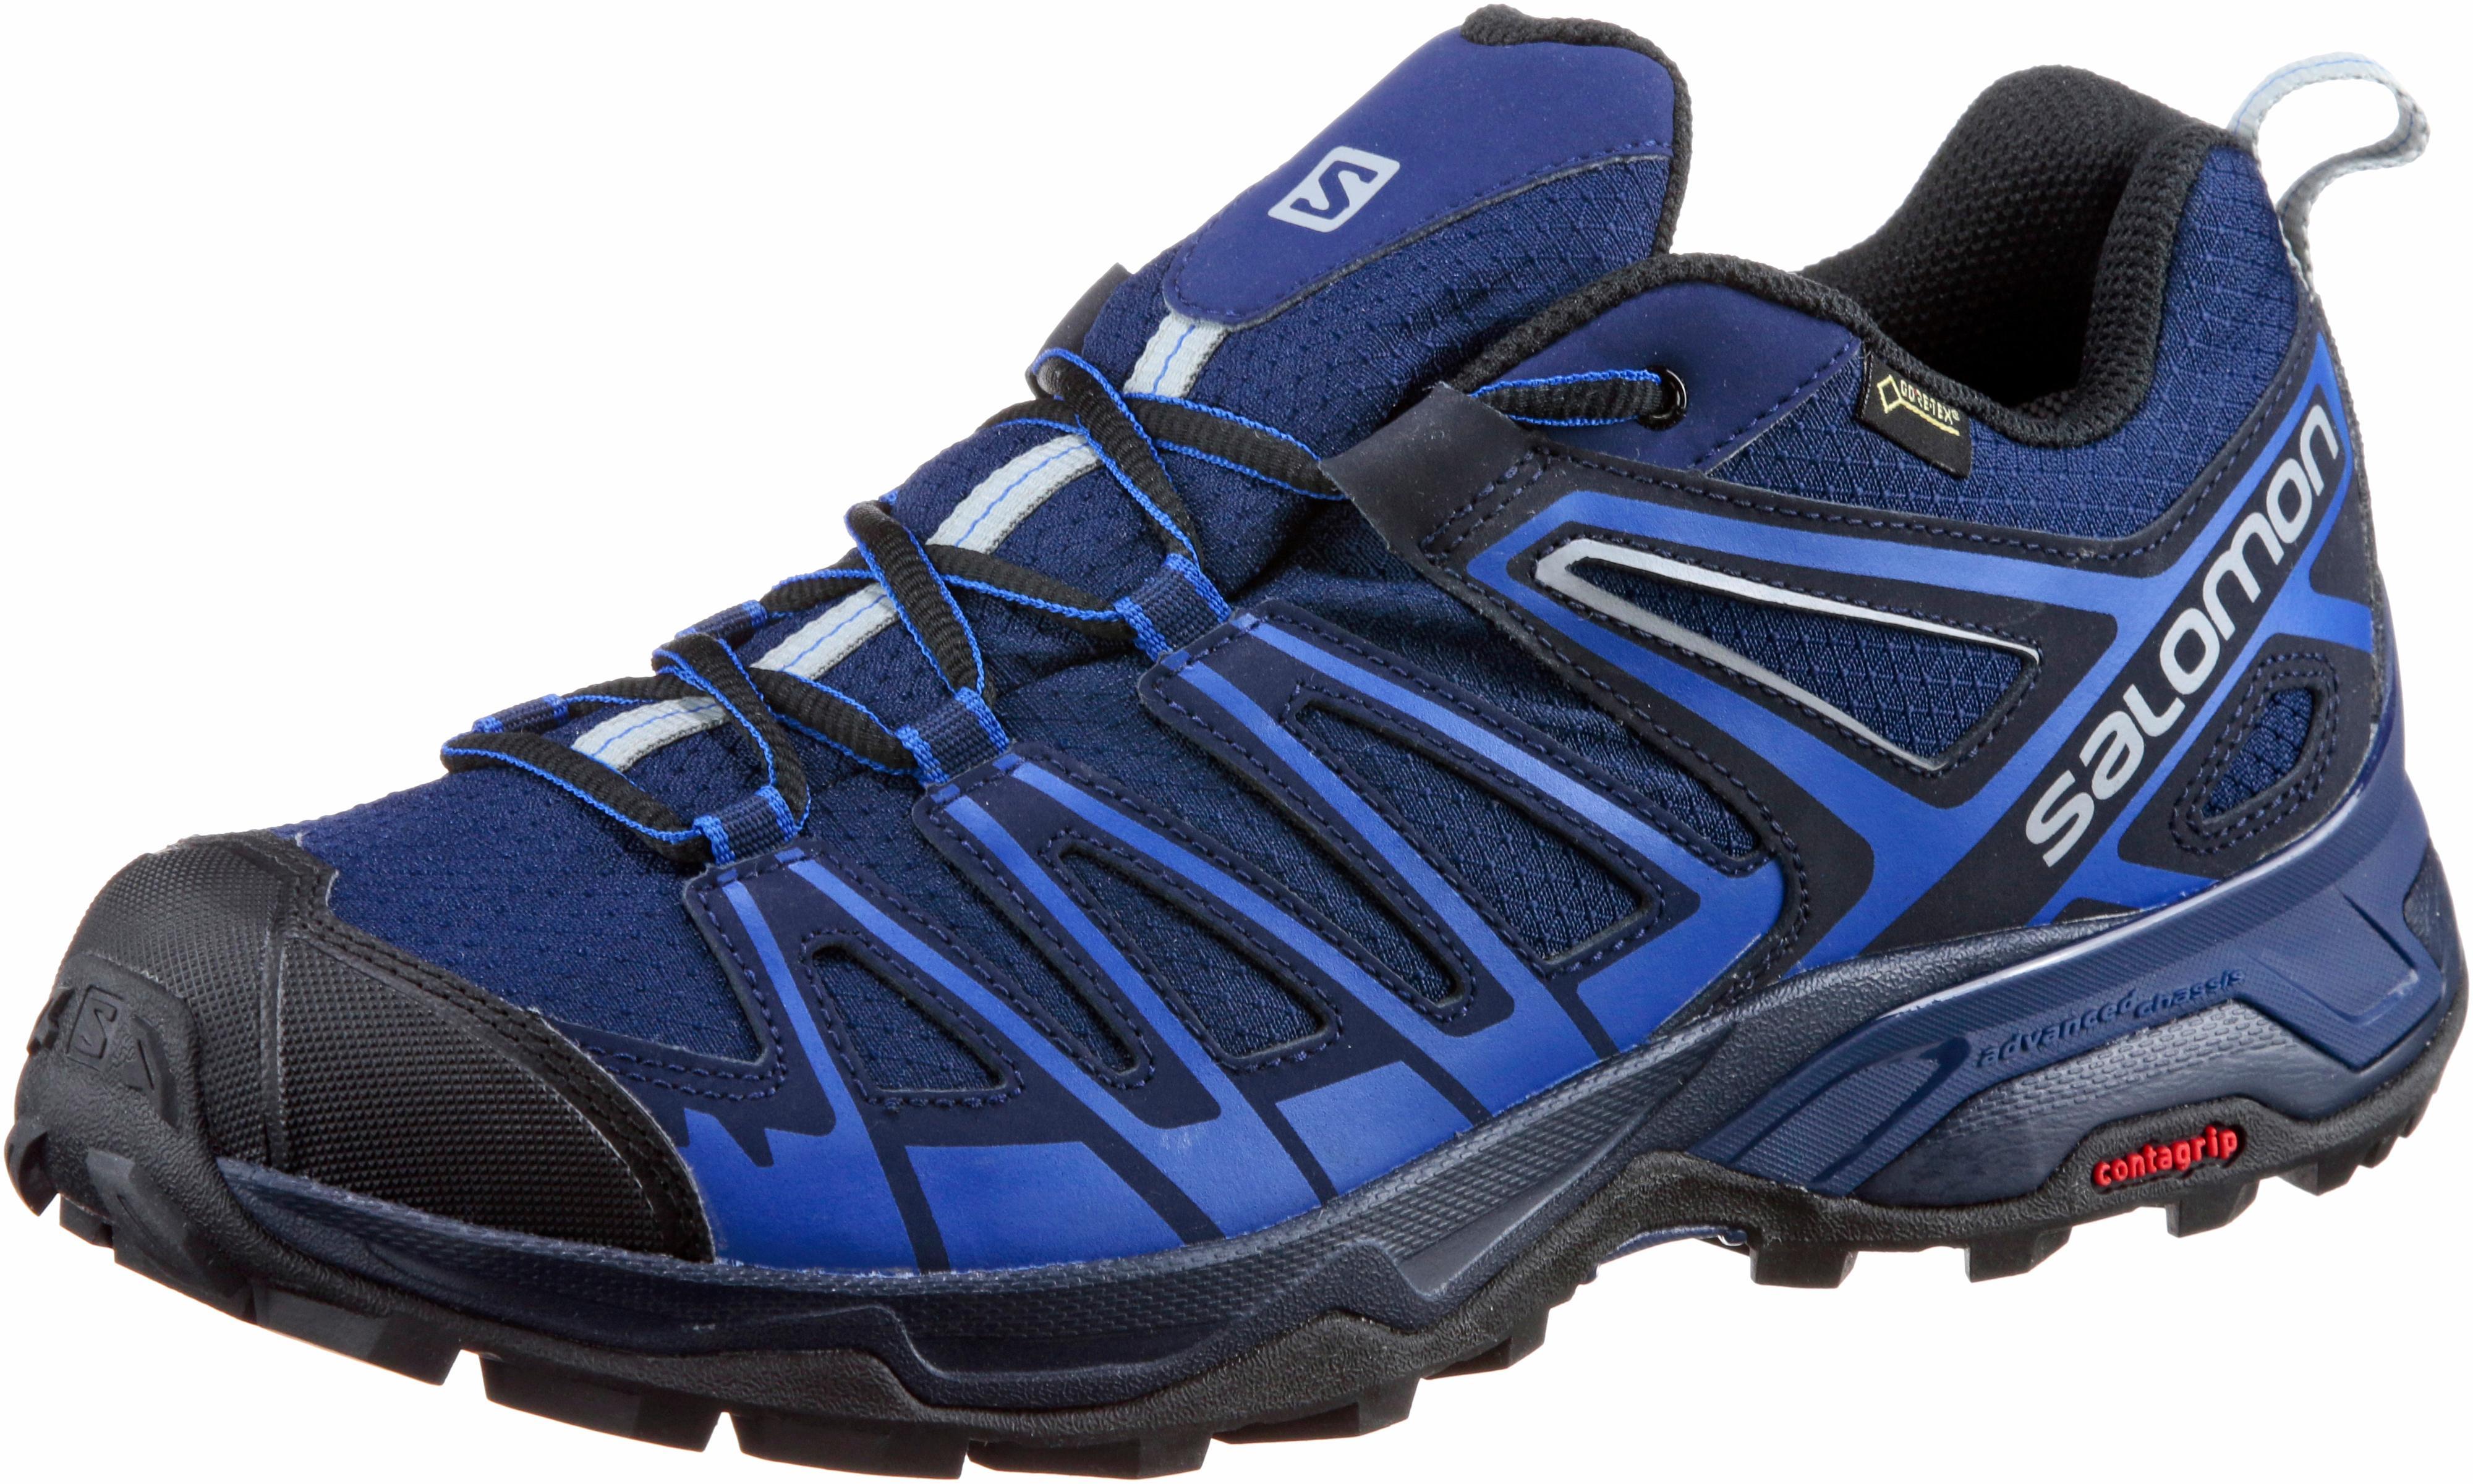 Salomon X ULTRA 3 PRIME GTX® Multifunktionsschuhe Herren Herren Herren magnet-schwarz-quiet shade im Online Shop von SportScheck kaufen Gute Qualität beliebte Schuhe 8308ee